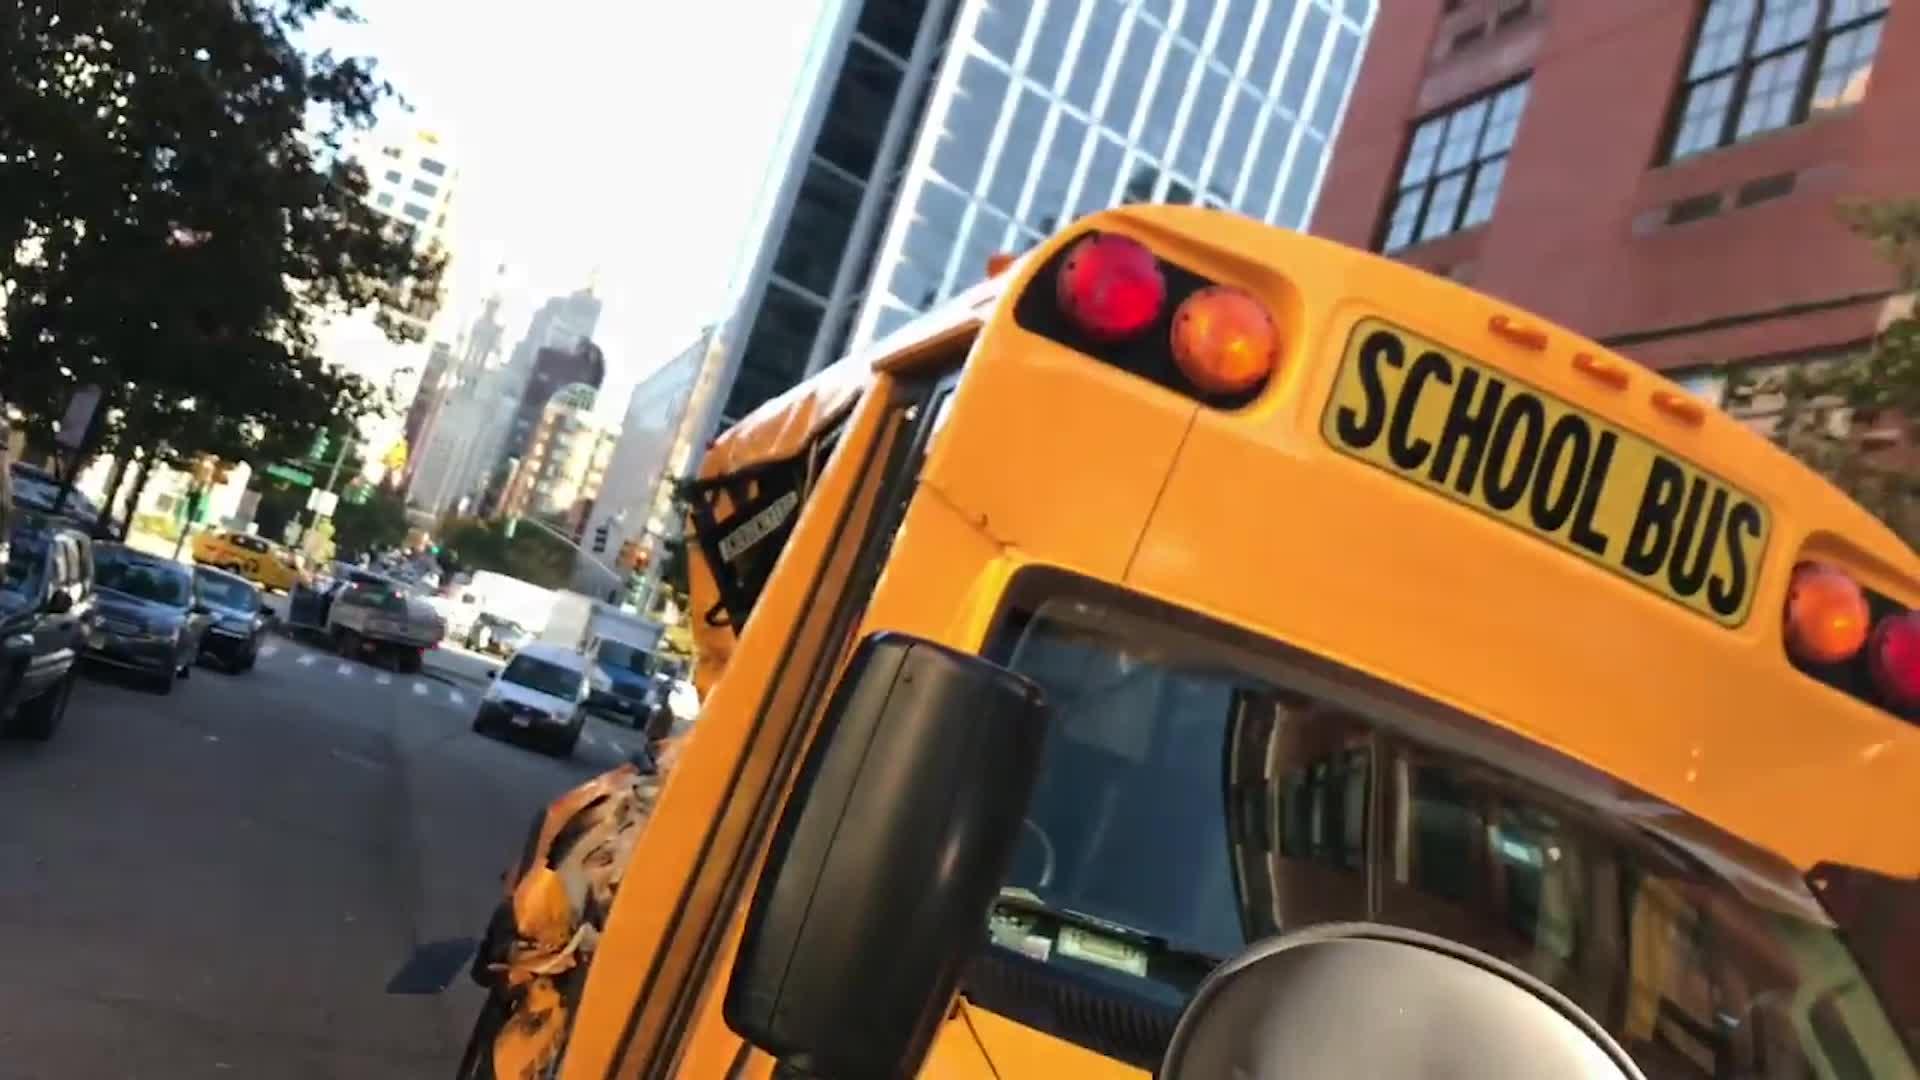 Accidente en bus escolar al norte de Houston